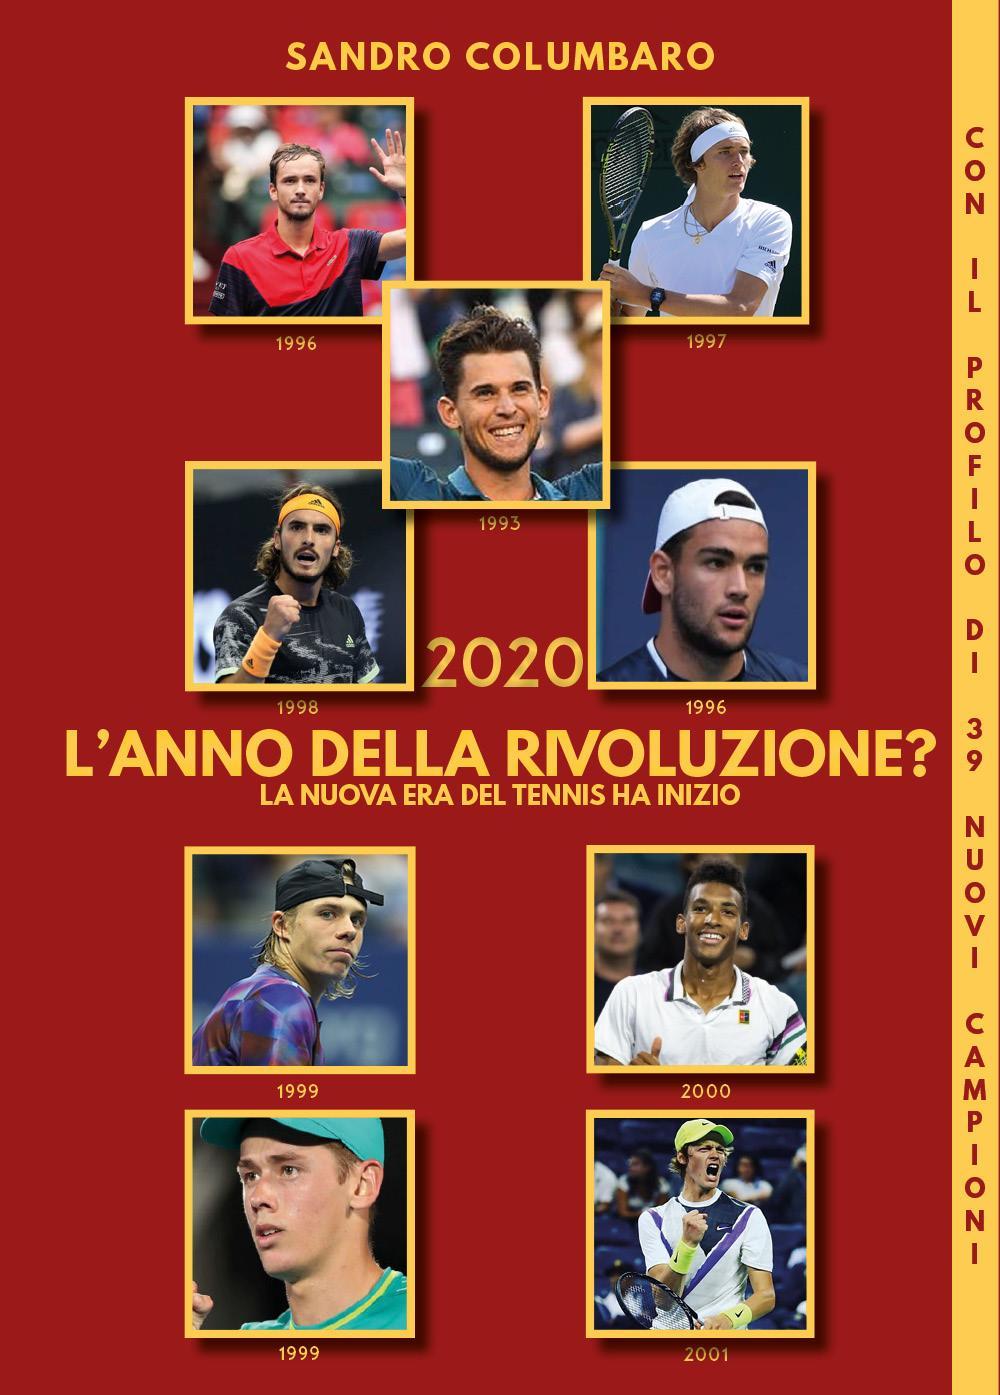 2020 L'anno della rivoluzione? La nuova era del tennis ha inizio